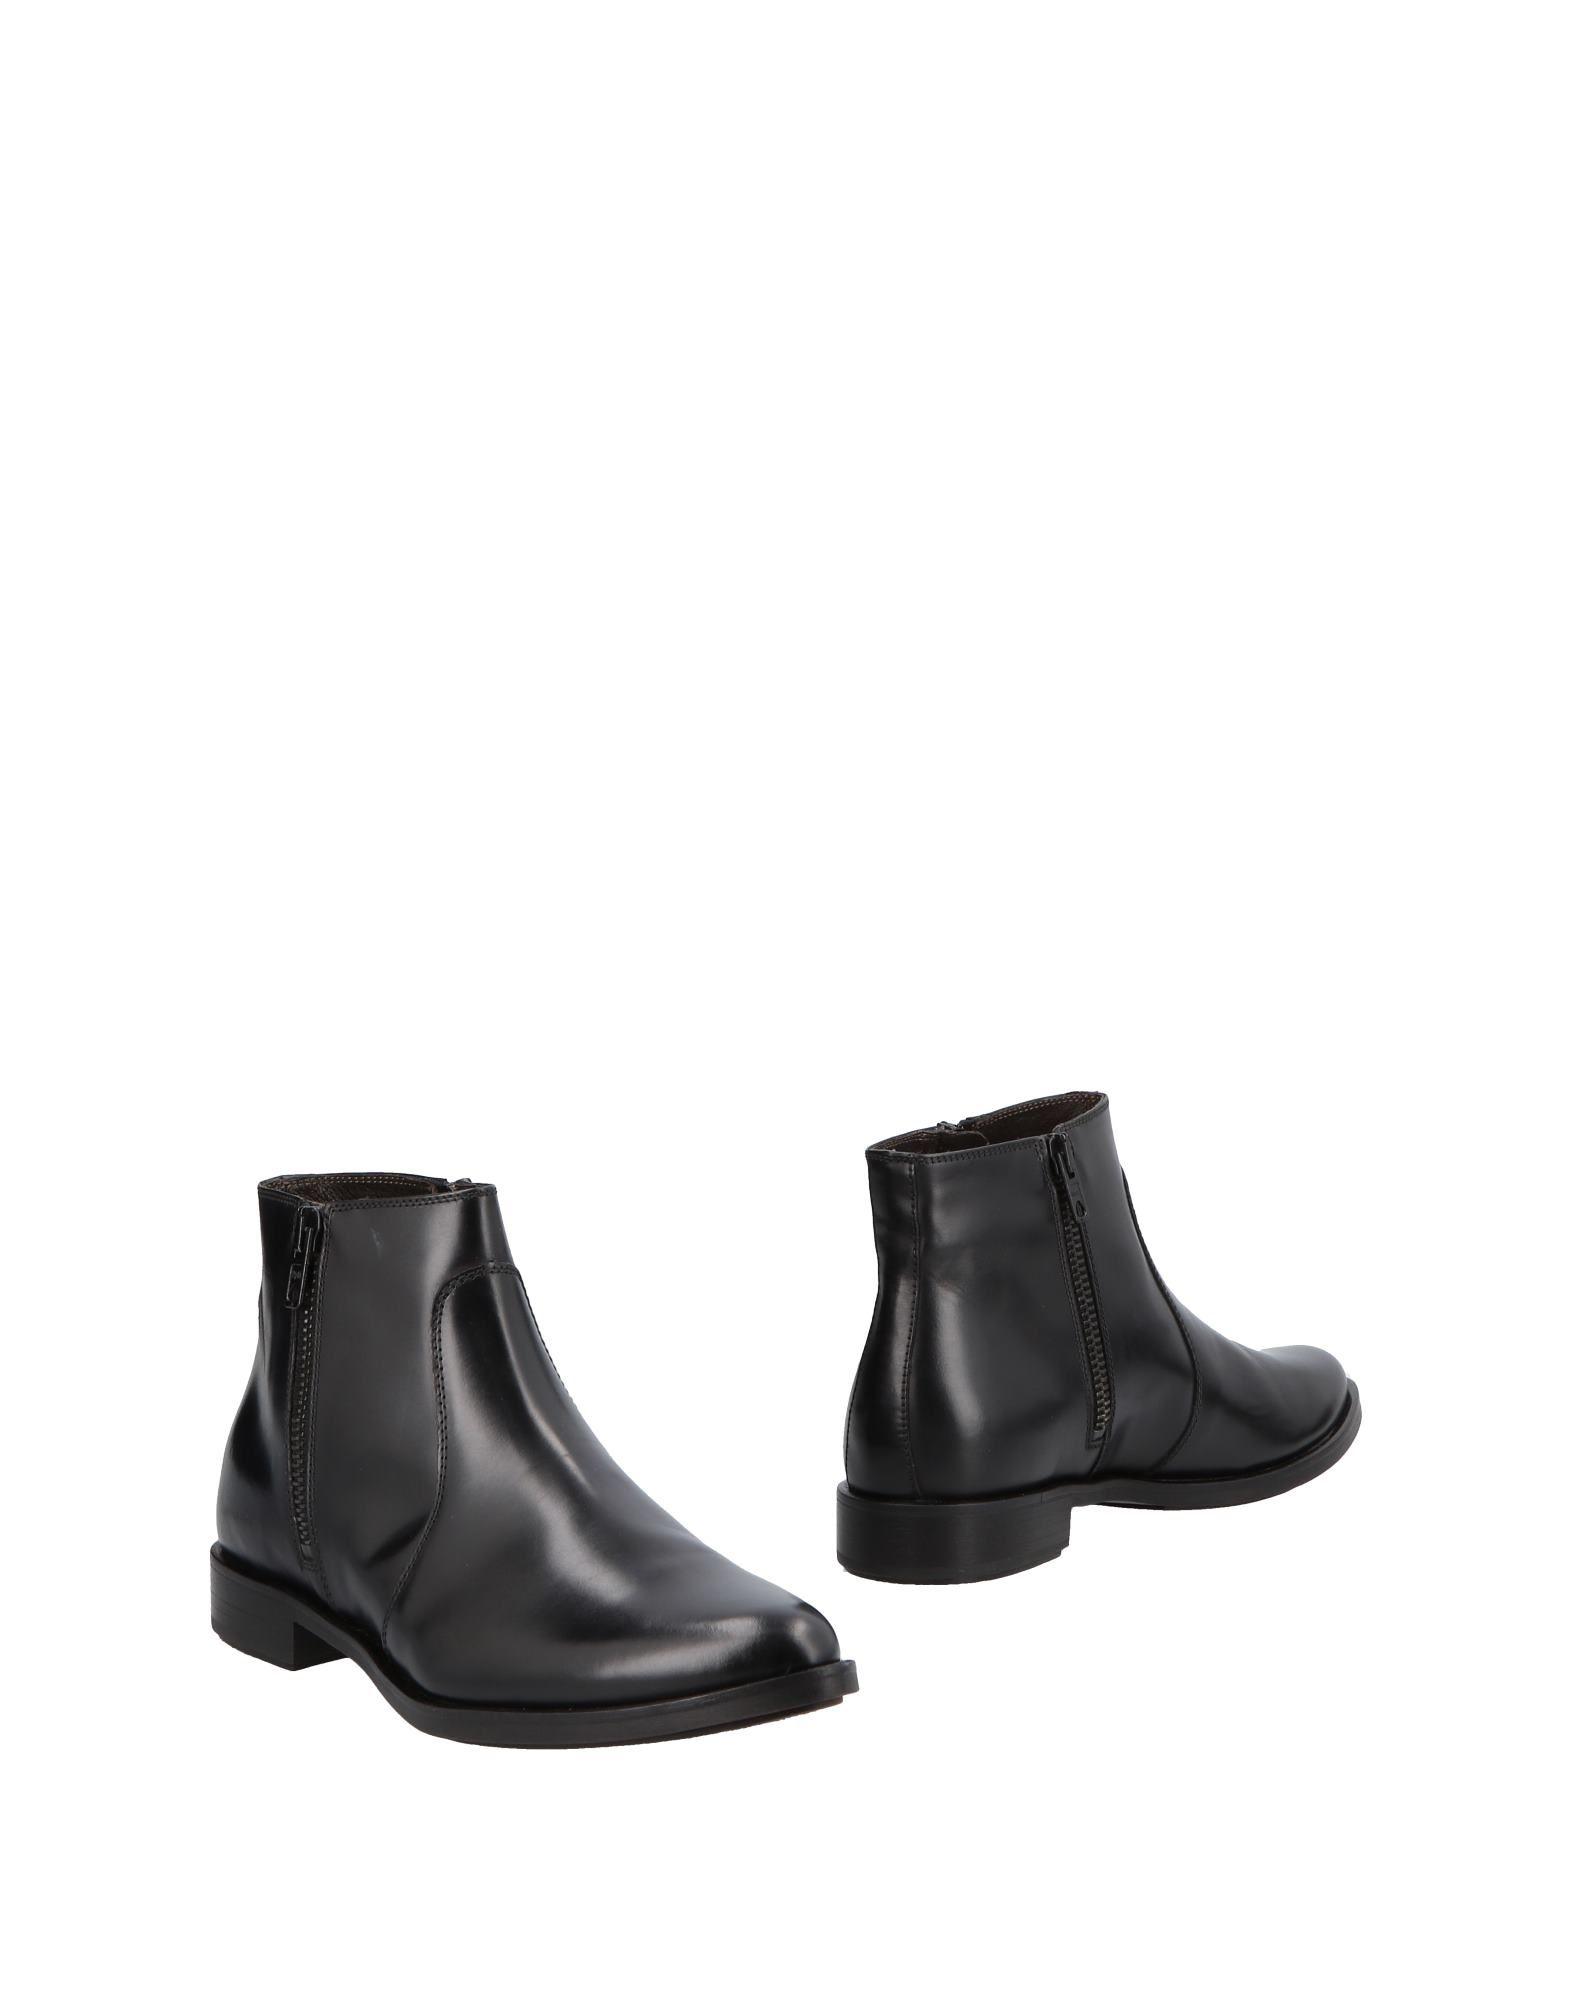 Marco Ferretti Ankle Ferretti Boot - Women Marco Ferretti Ankle Ankle Boots online on  Australia - 11481454QP 2f832a